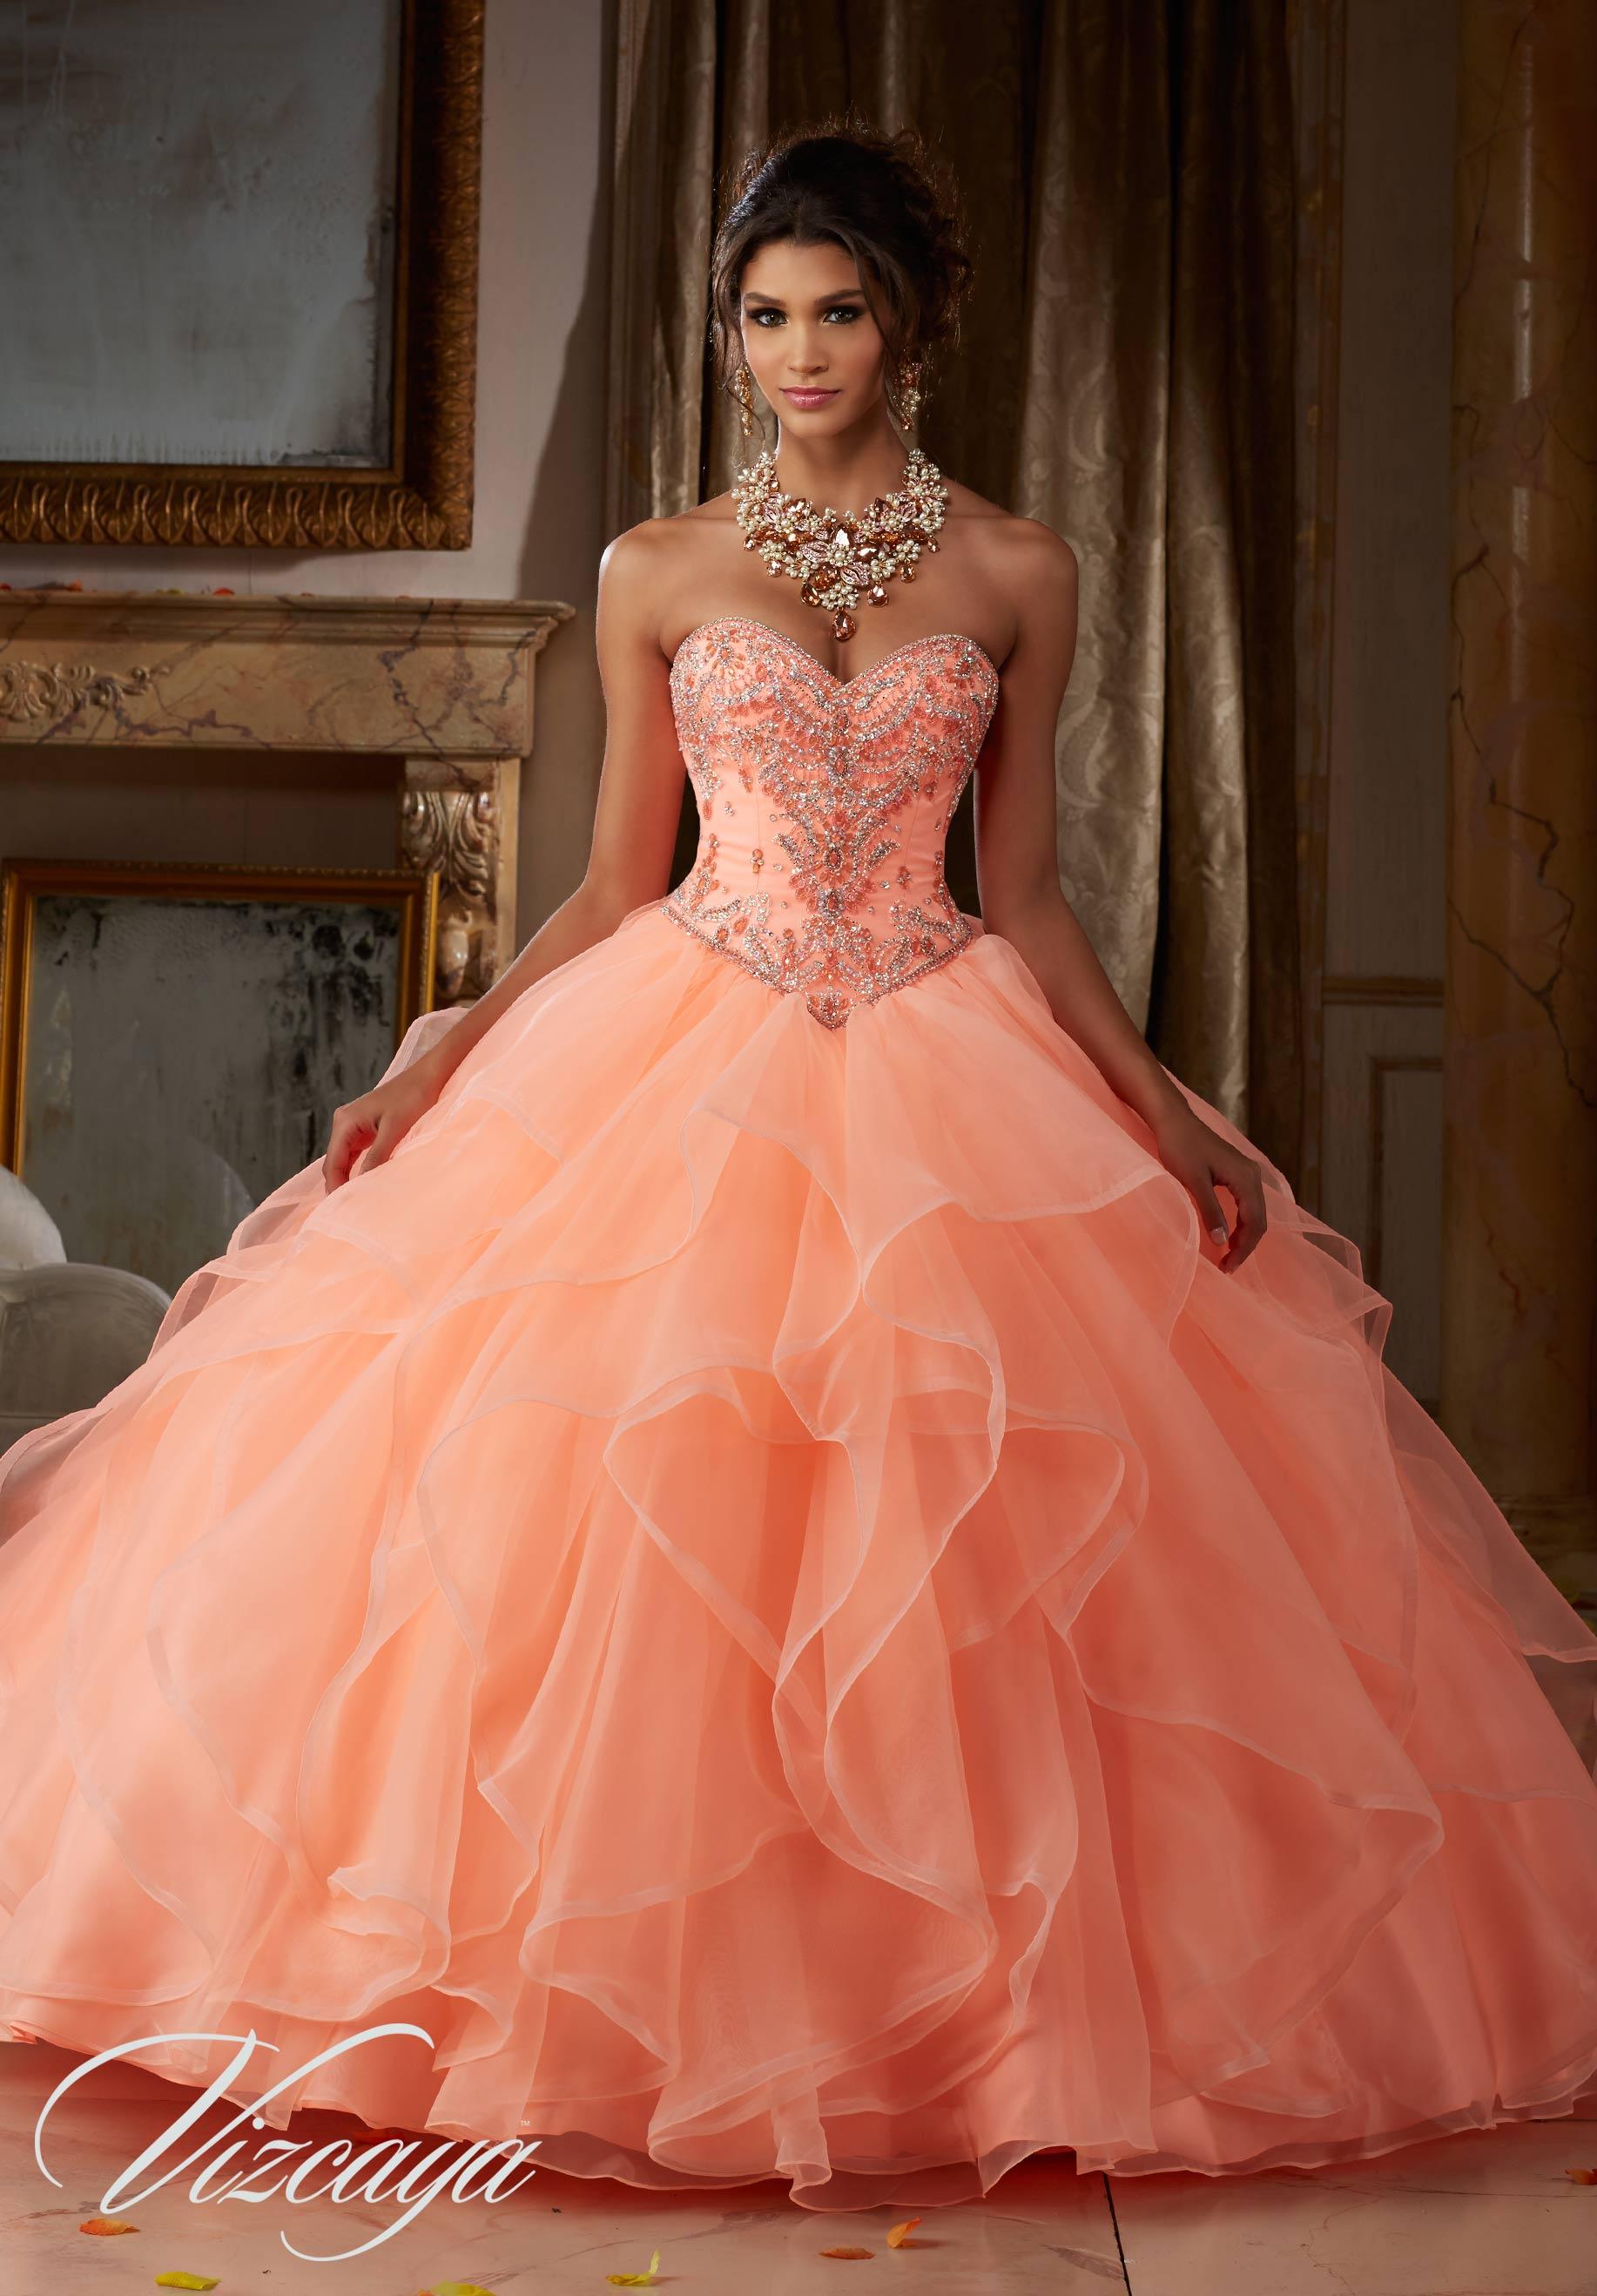 ... Bridal Austin TX | Quinceanera Dresses | Prom Dresses | XV Dresses